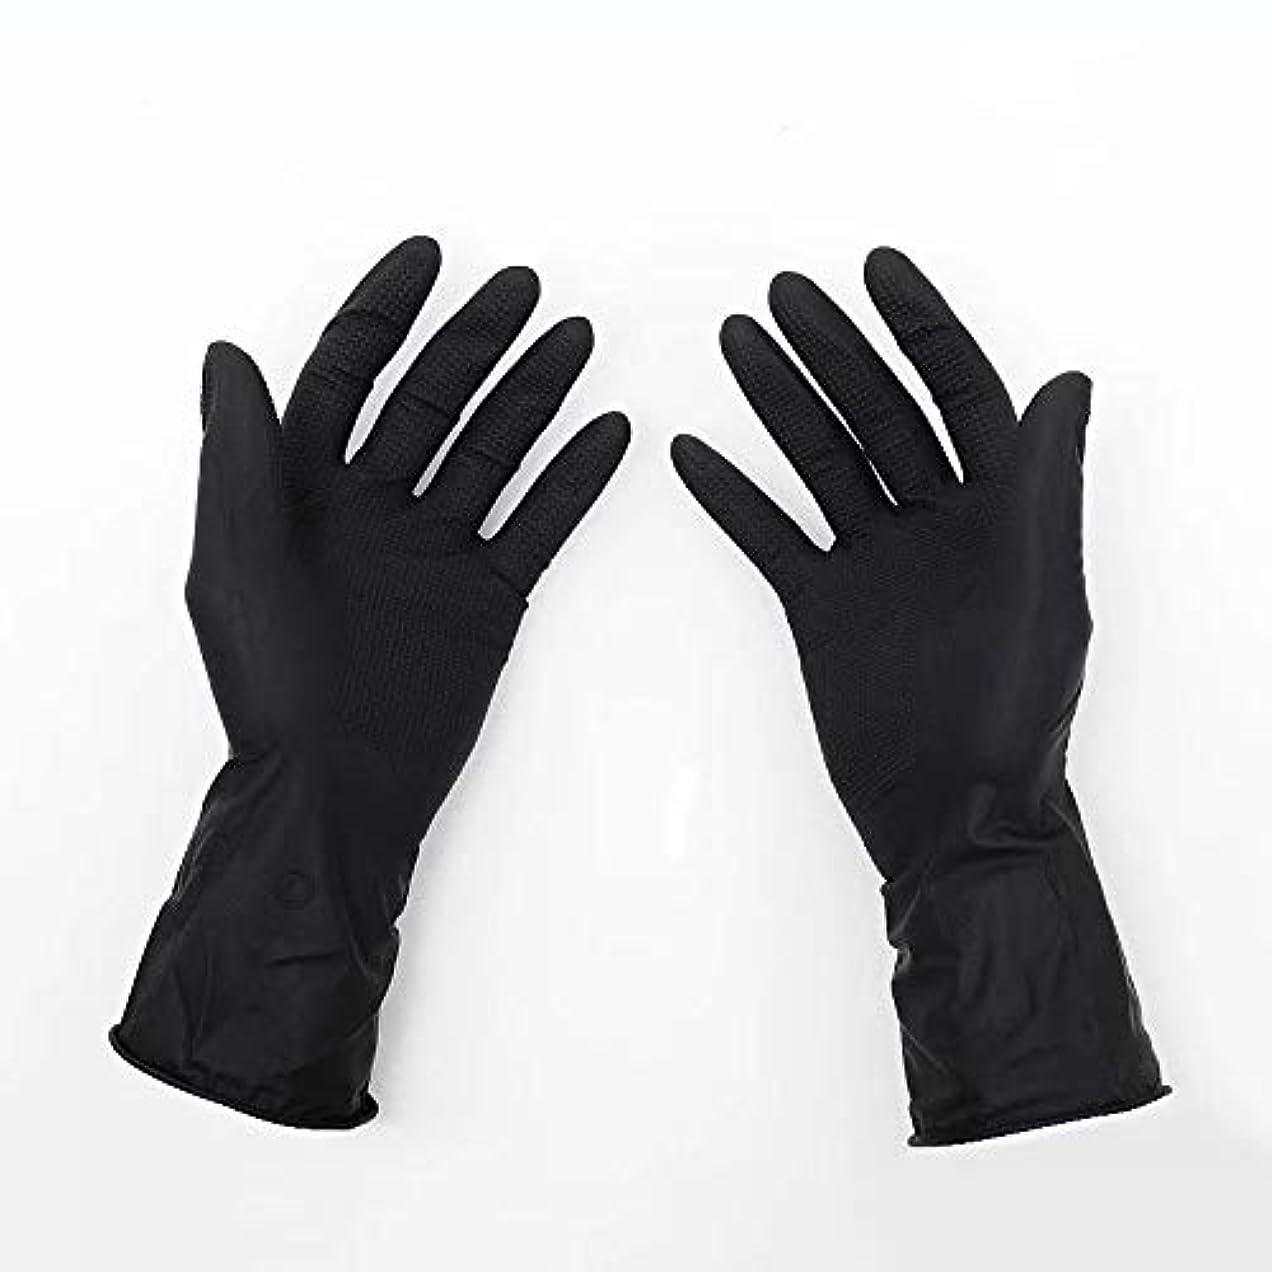 走る樹皮規則性6pcs ビューティロンググローブ 滑り止め ヘアカラー用 パーマ ヘアシャンプー 手袋 理容師 美容師 美容サロン ブラック